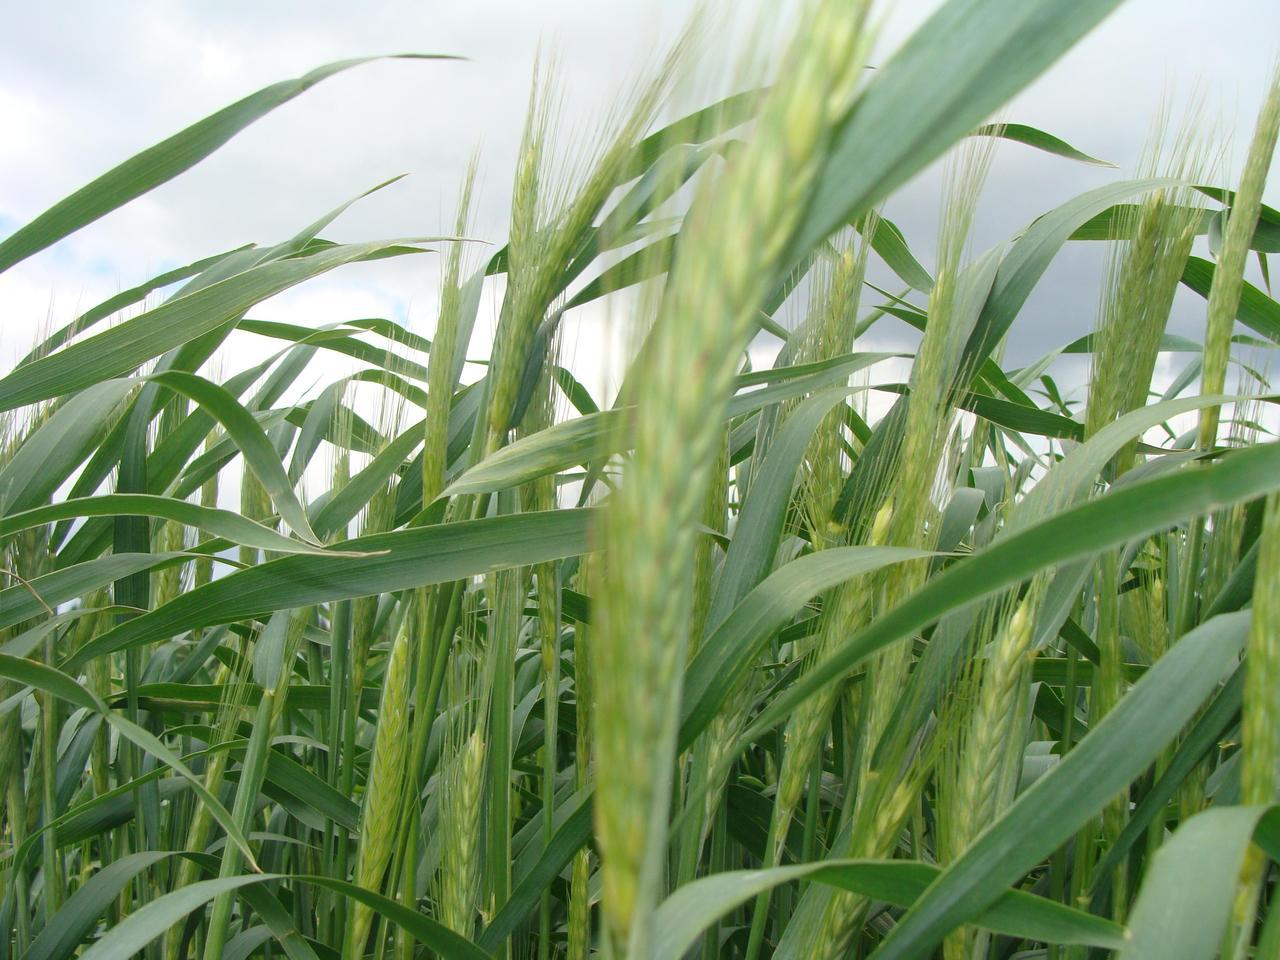 Triticosecale, от лат. triticum - пшеница и лат. secale - рожь) - гибридный род злаков, гибрид ржи и пшеницы.